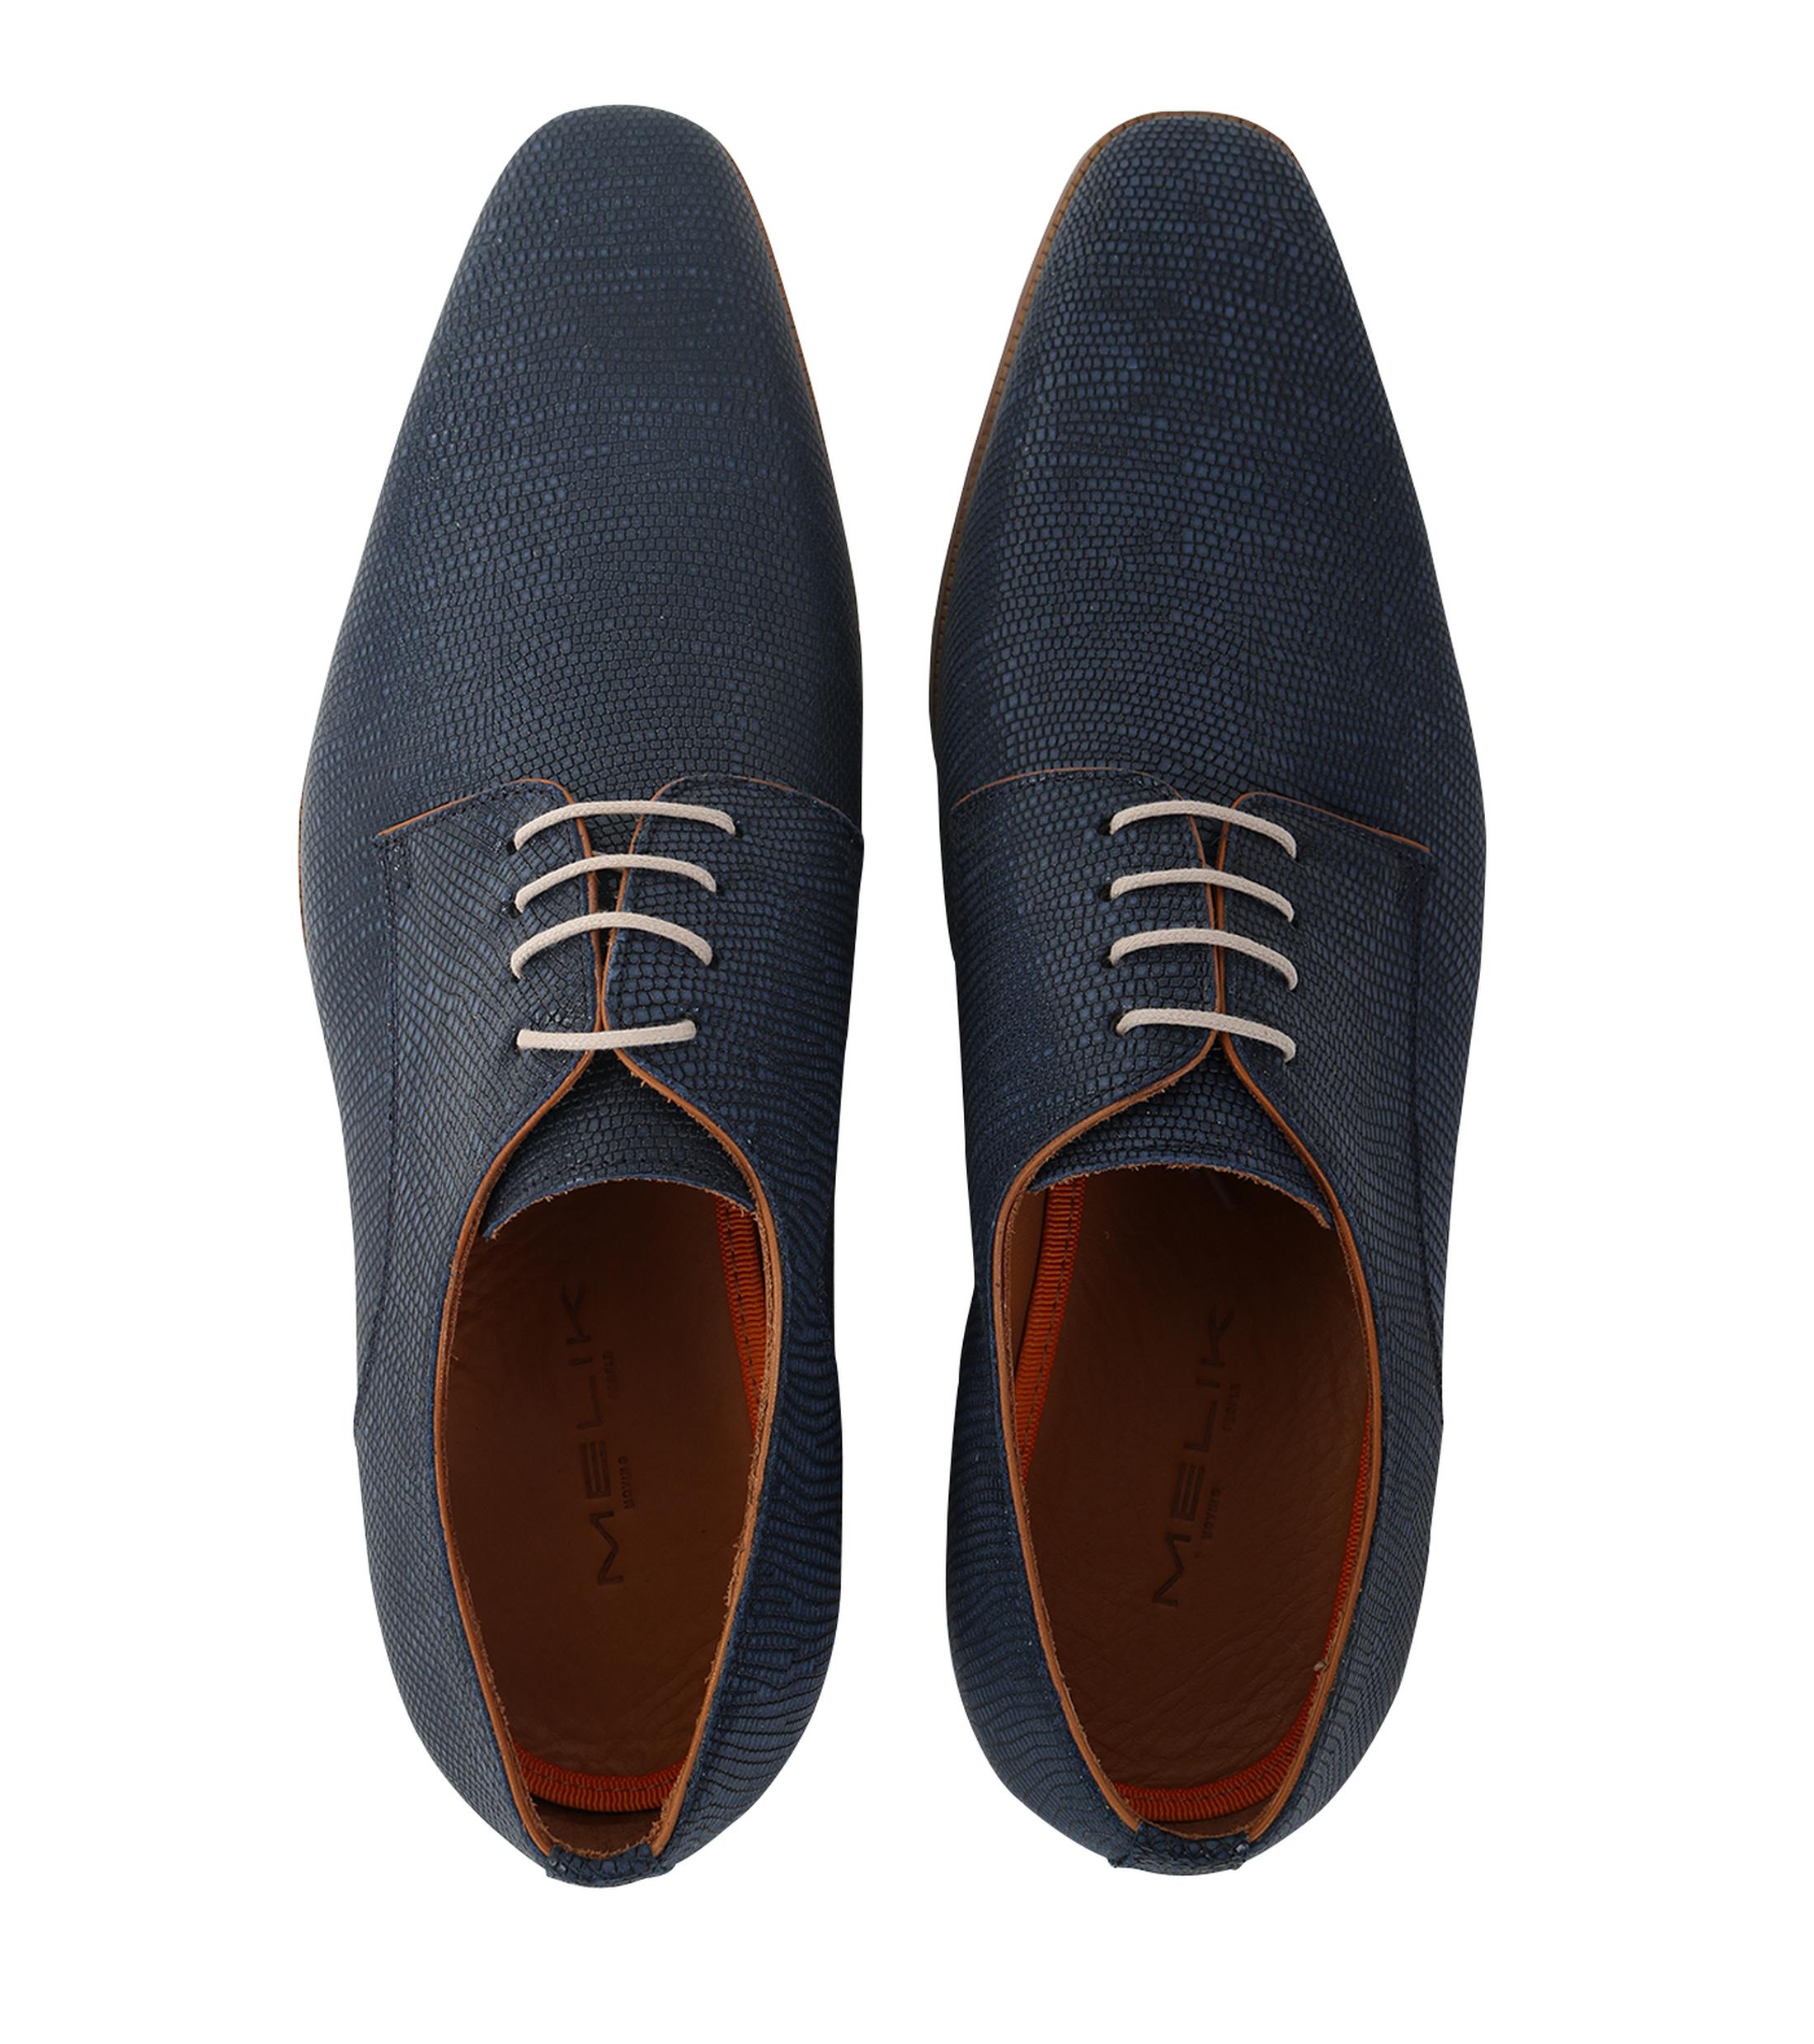 size 40 71df9 19e4f Portefeuilles   chaussures de course, vêteHommests de course, hommes    Outlet Online Store ,